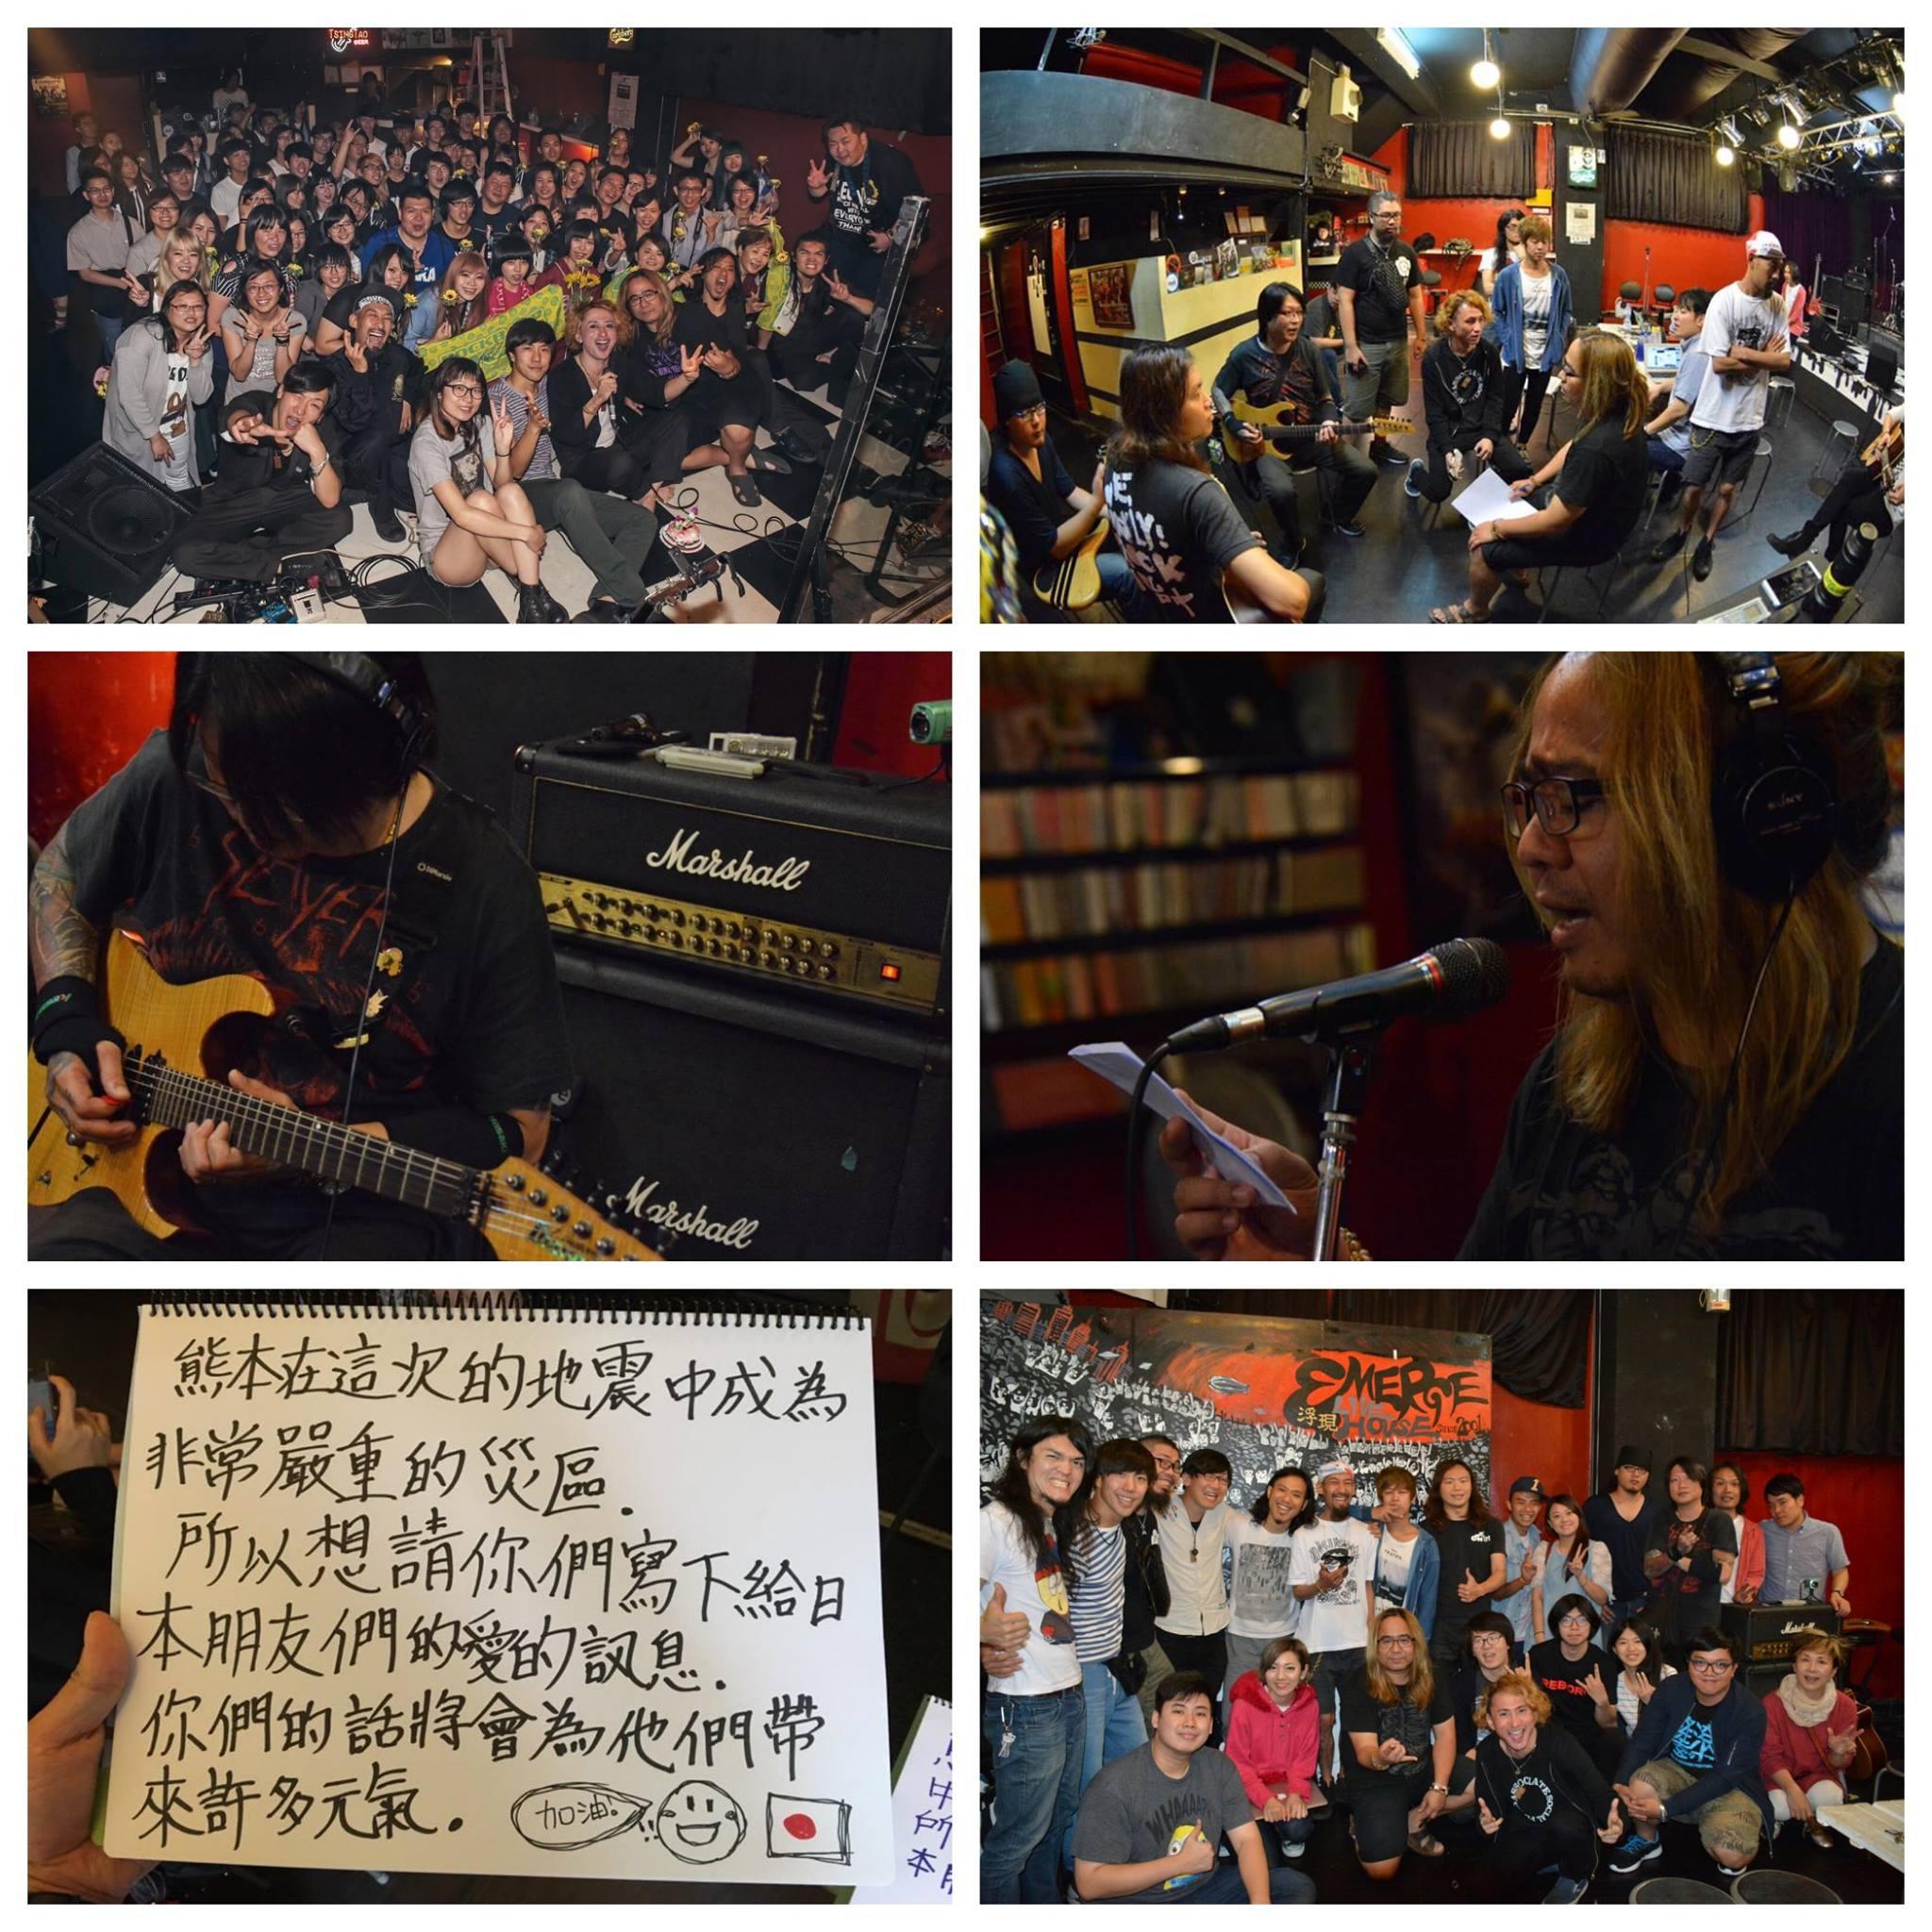 高達十四支台灣樂團參與,直接在浮現音樂現場創作錄音。(Via 老諾 Facebook)